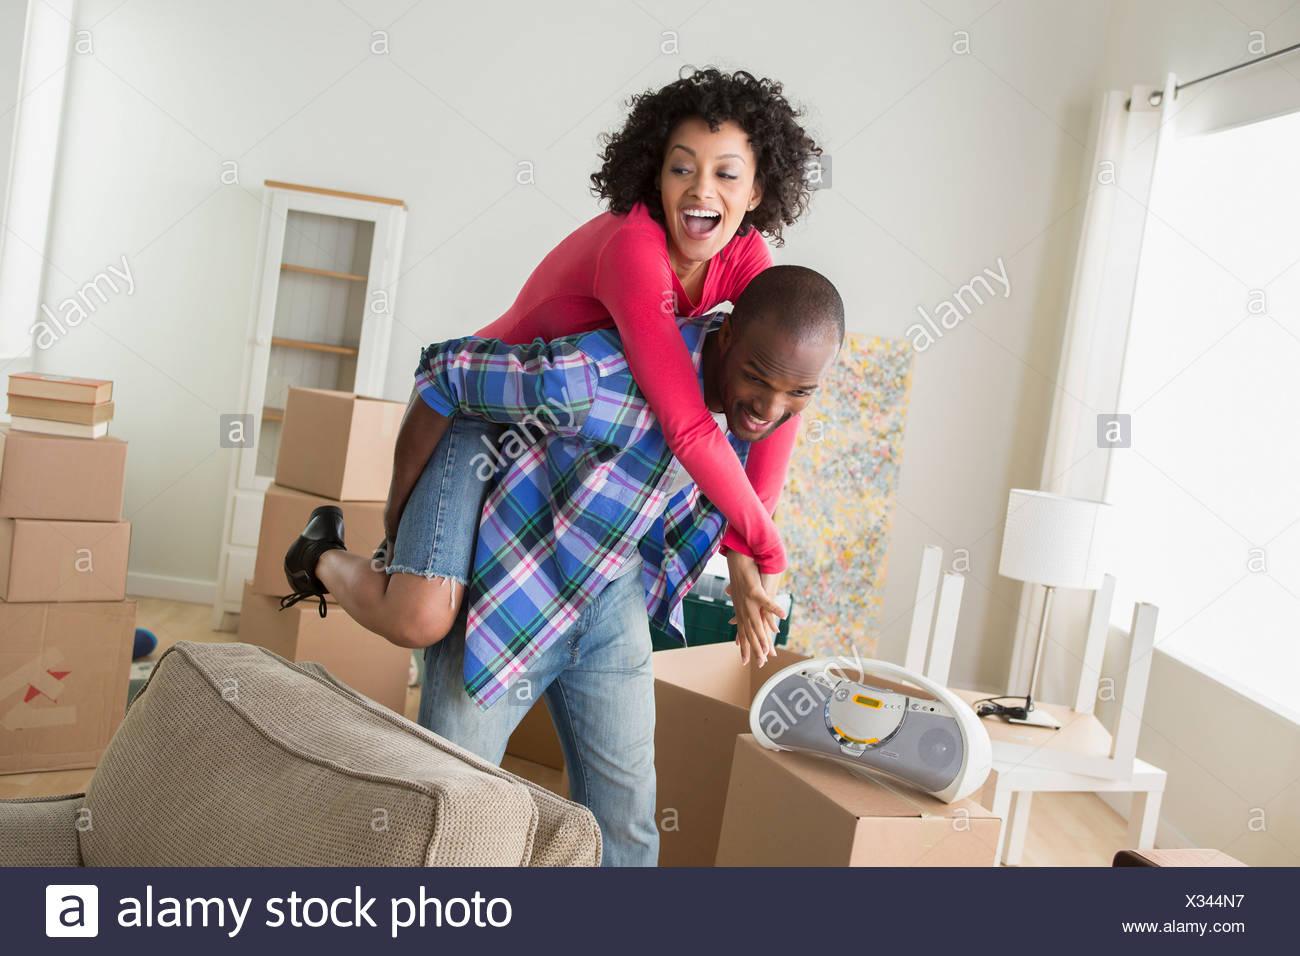 Pareja adulta media en el nuevo hogar, hombre mujer dando piggyback Imagen De Stock